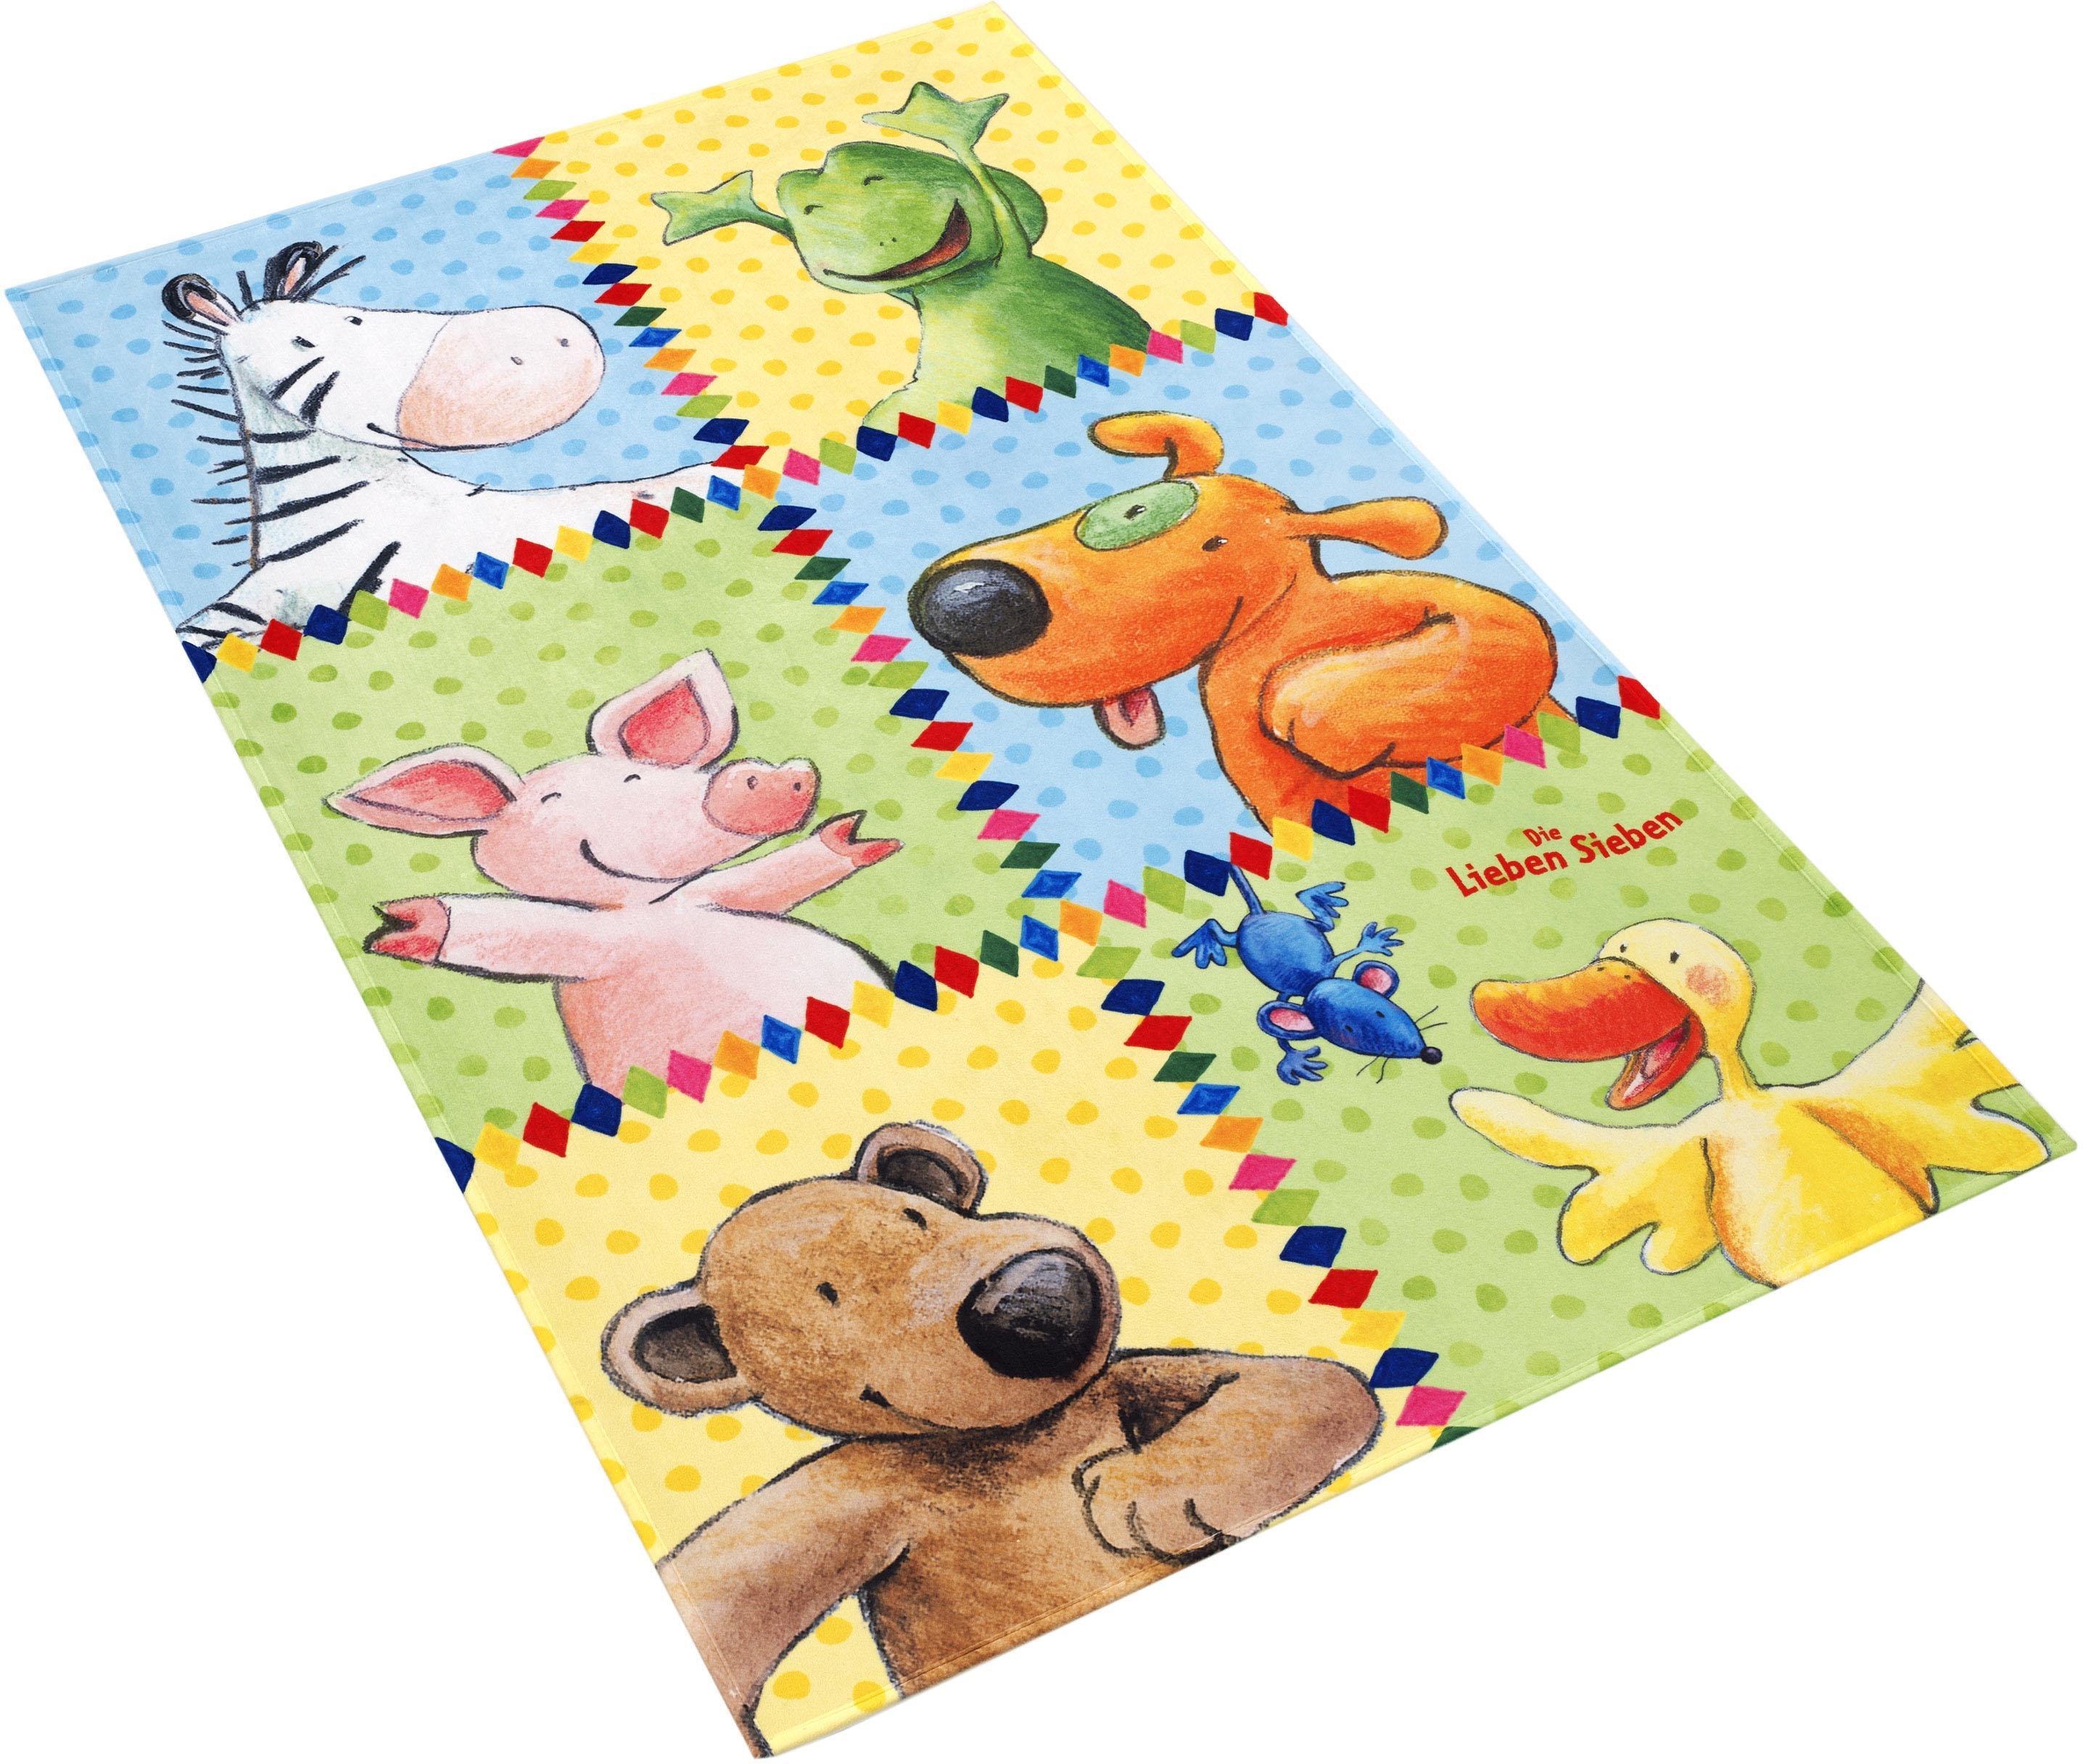 Kinderteppich LS-213 Die Lieben Sieben rechteckig Höhe 6 mm gedruckt